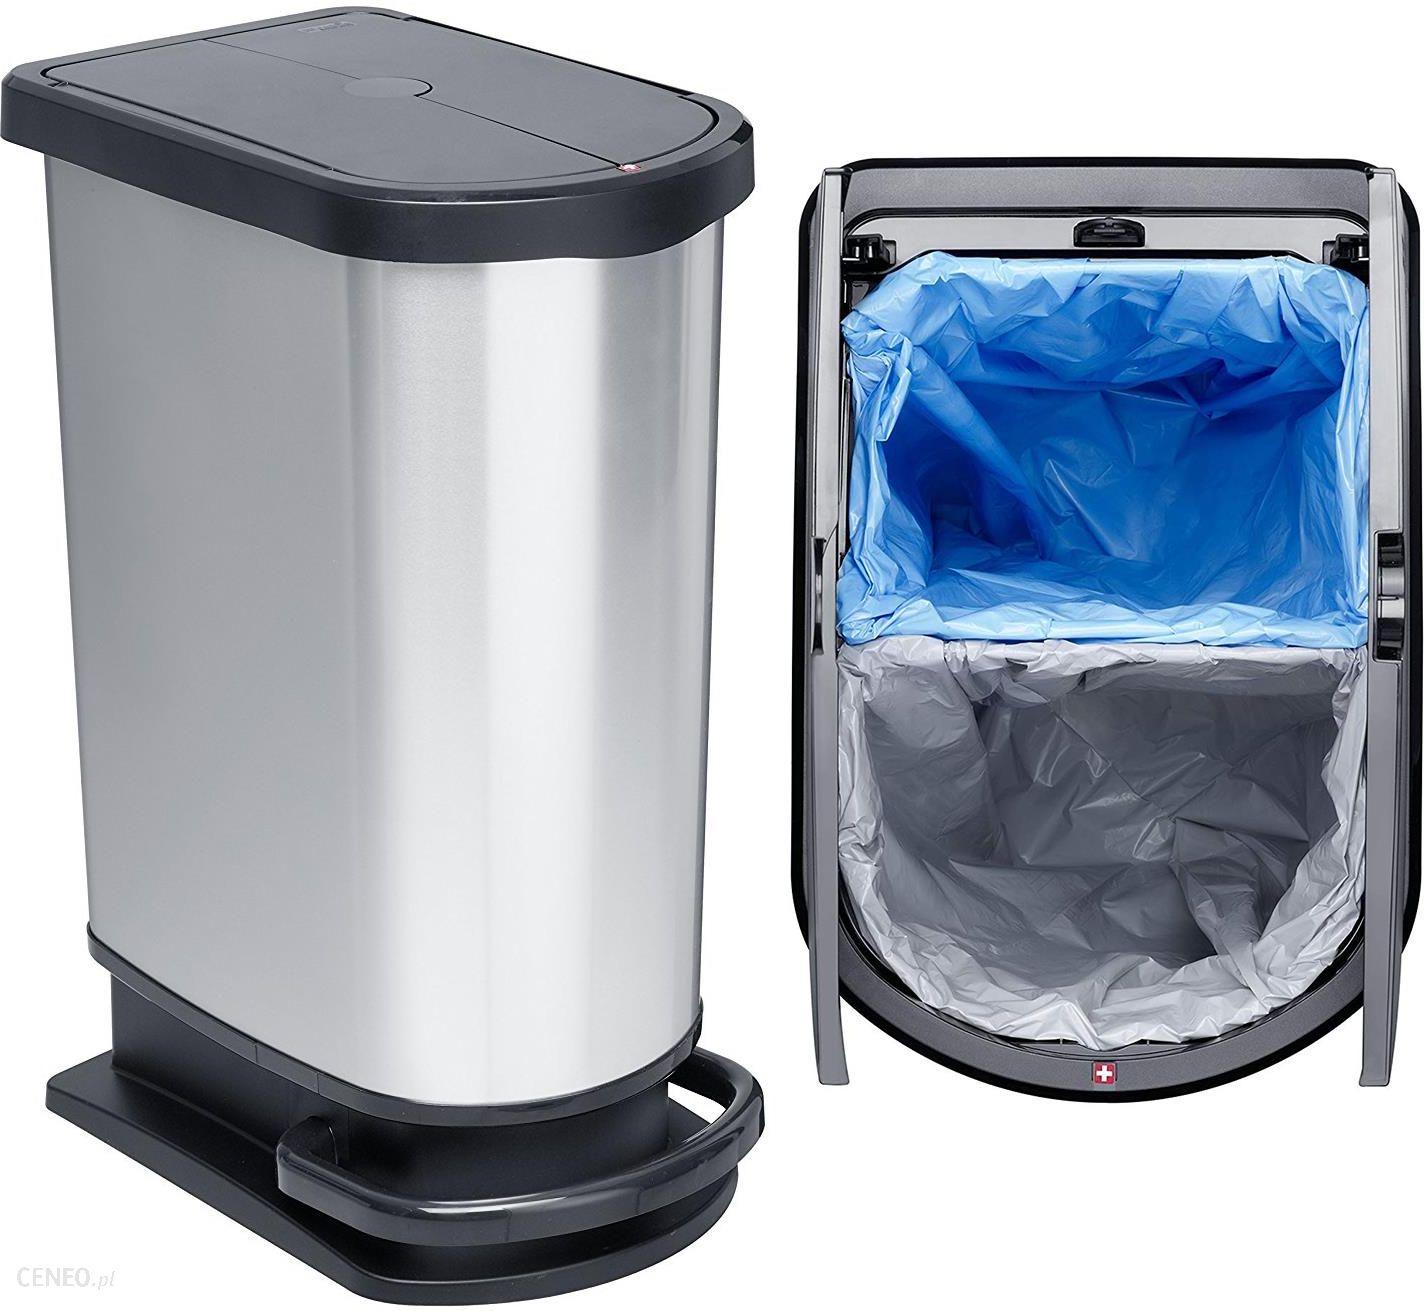 Duży Kosz Na śmieci Z Pedałem Segregacja 50l 01281